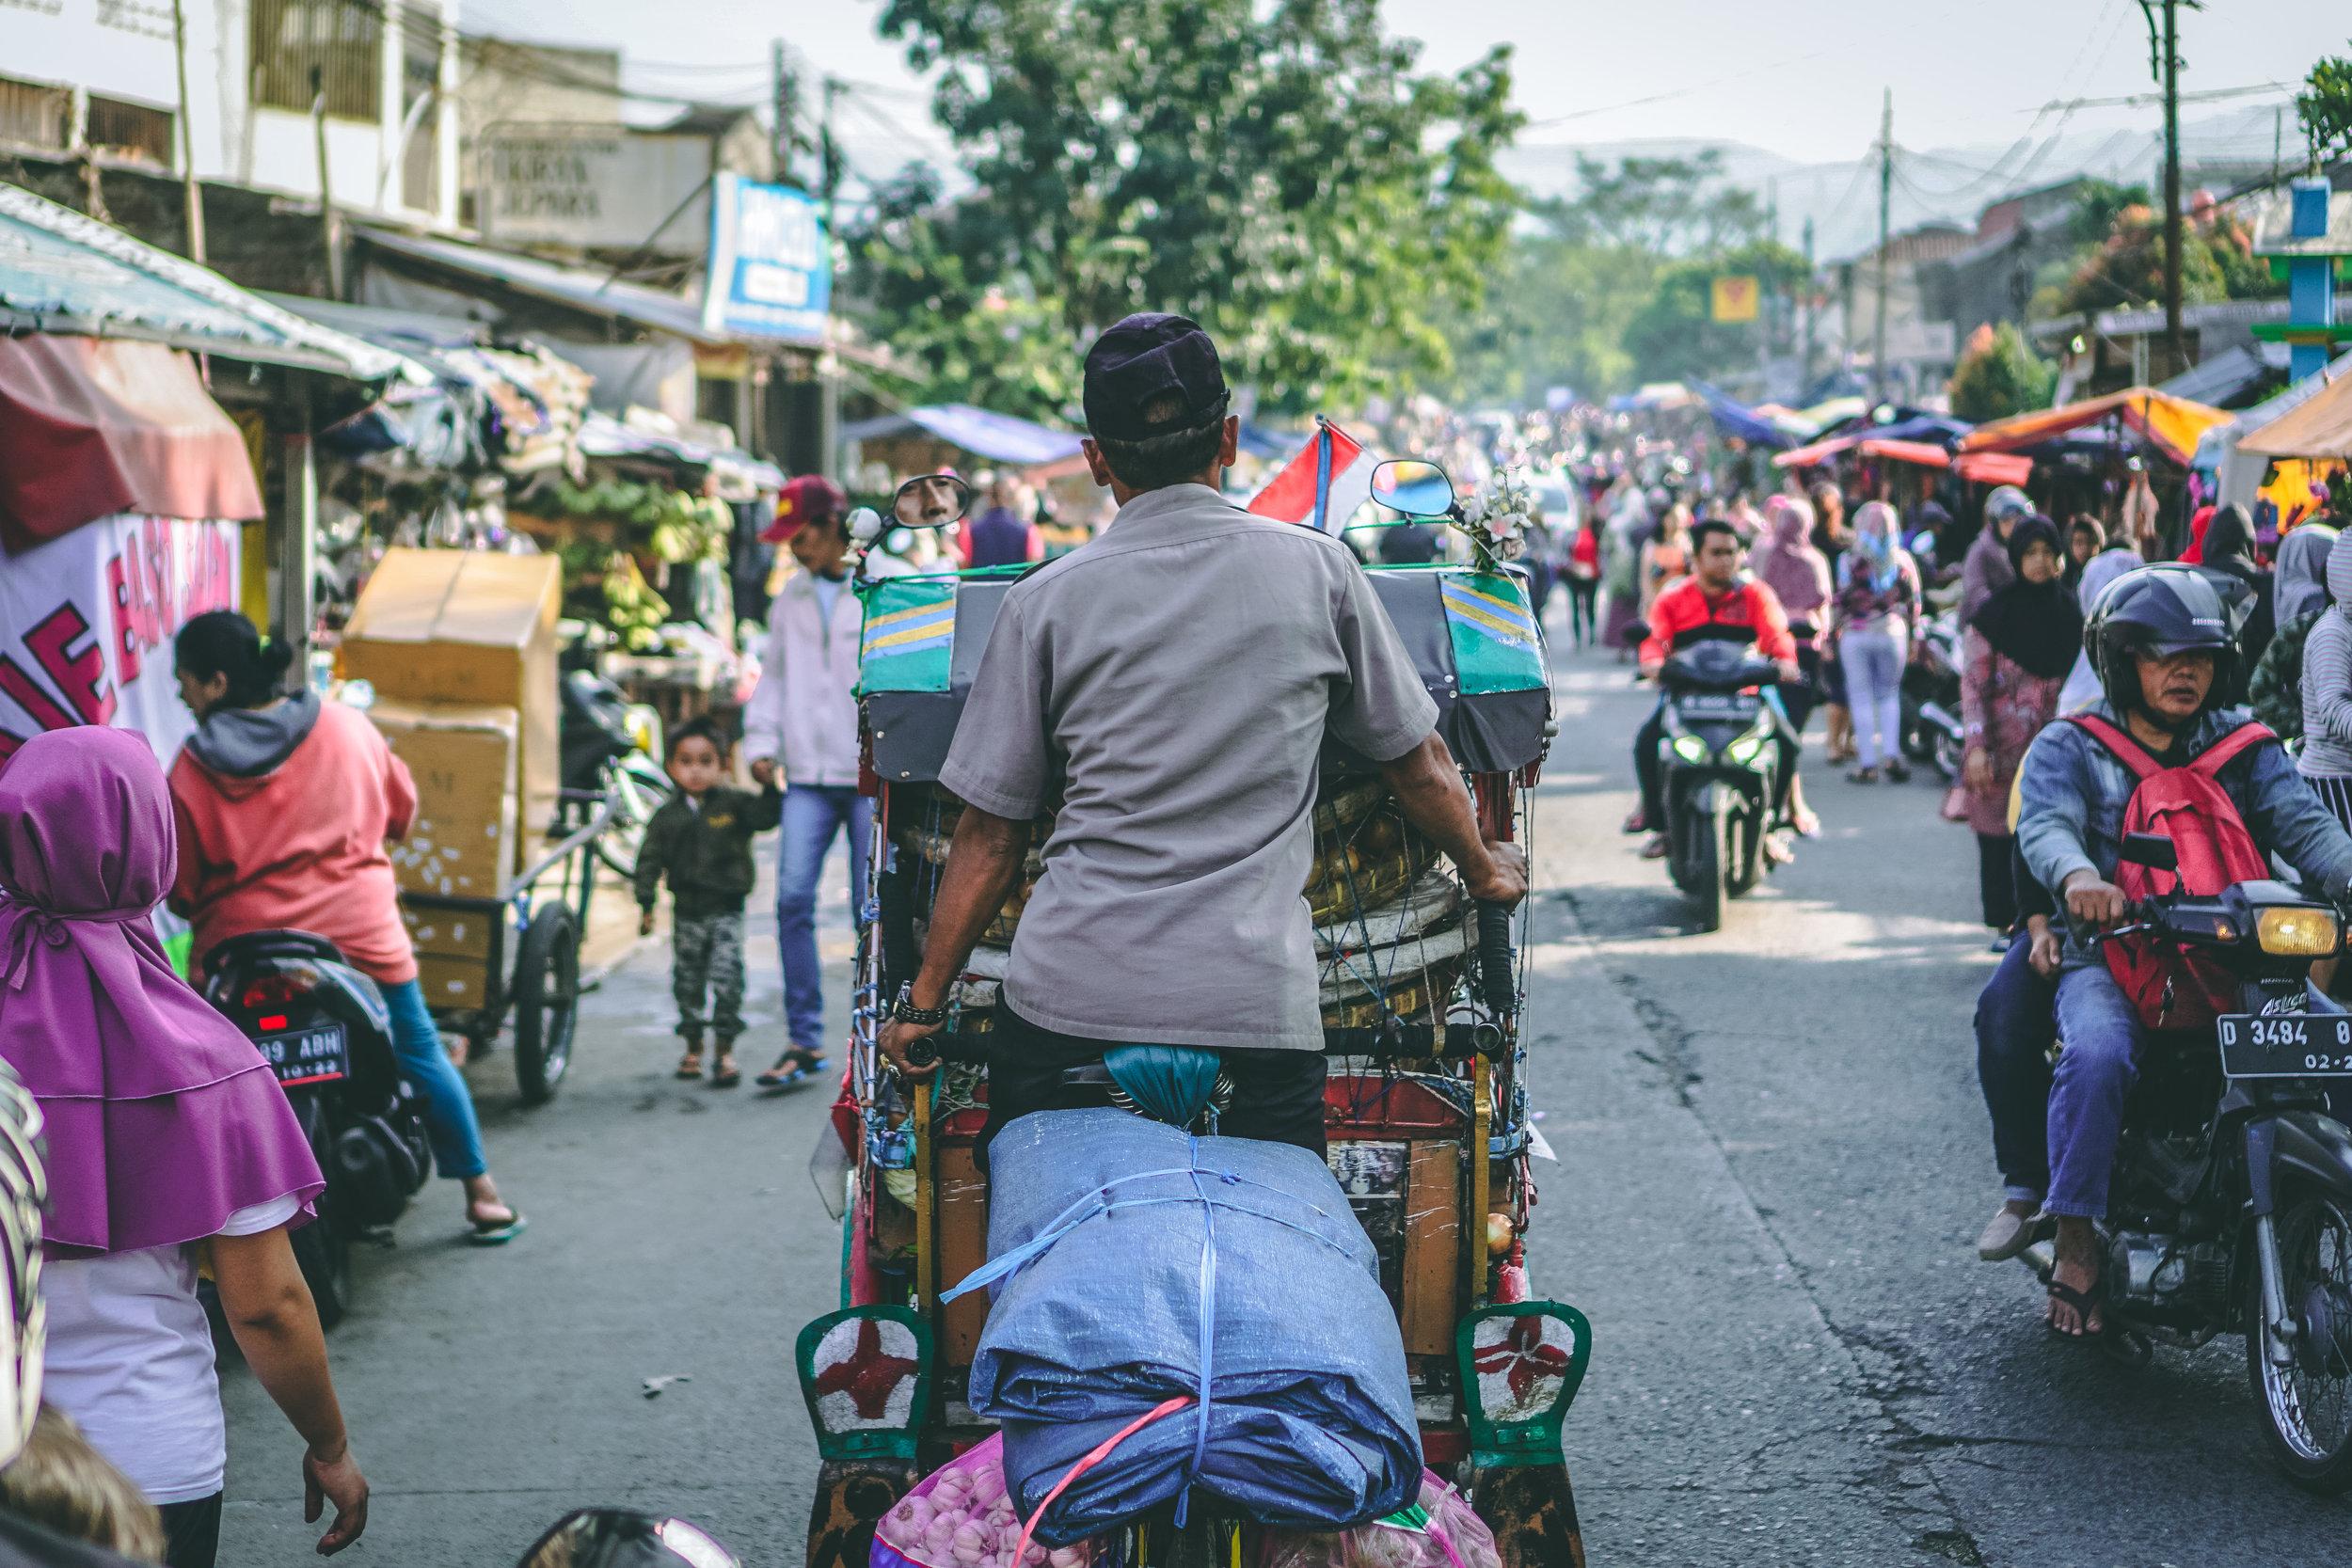 Prizor iz Indonezije. Foto: Unsplash